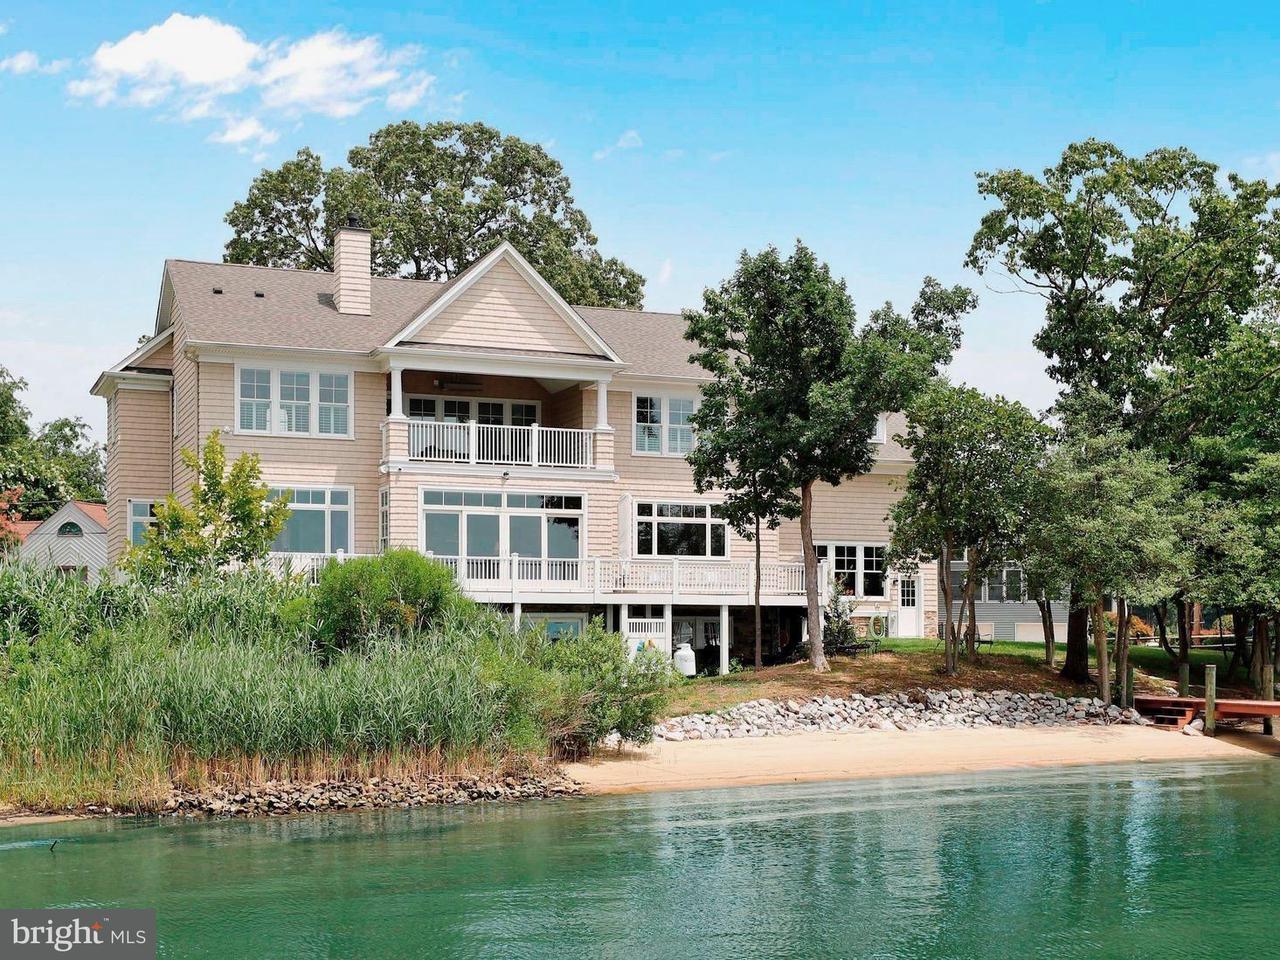 Μονοκατοικία για την Πώληση στο 1054 Trails End Road 1054 Trails End Road Pasadena, Μεριλαντ 21122 Ηνωμενεσ Πολιτειεσ